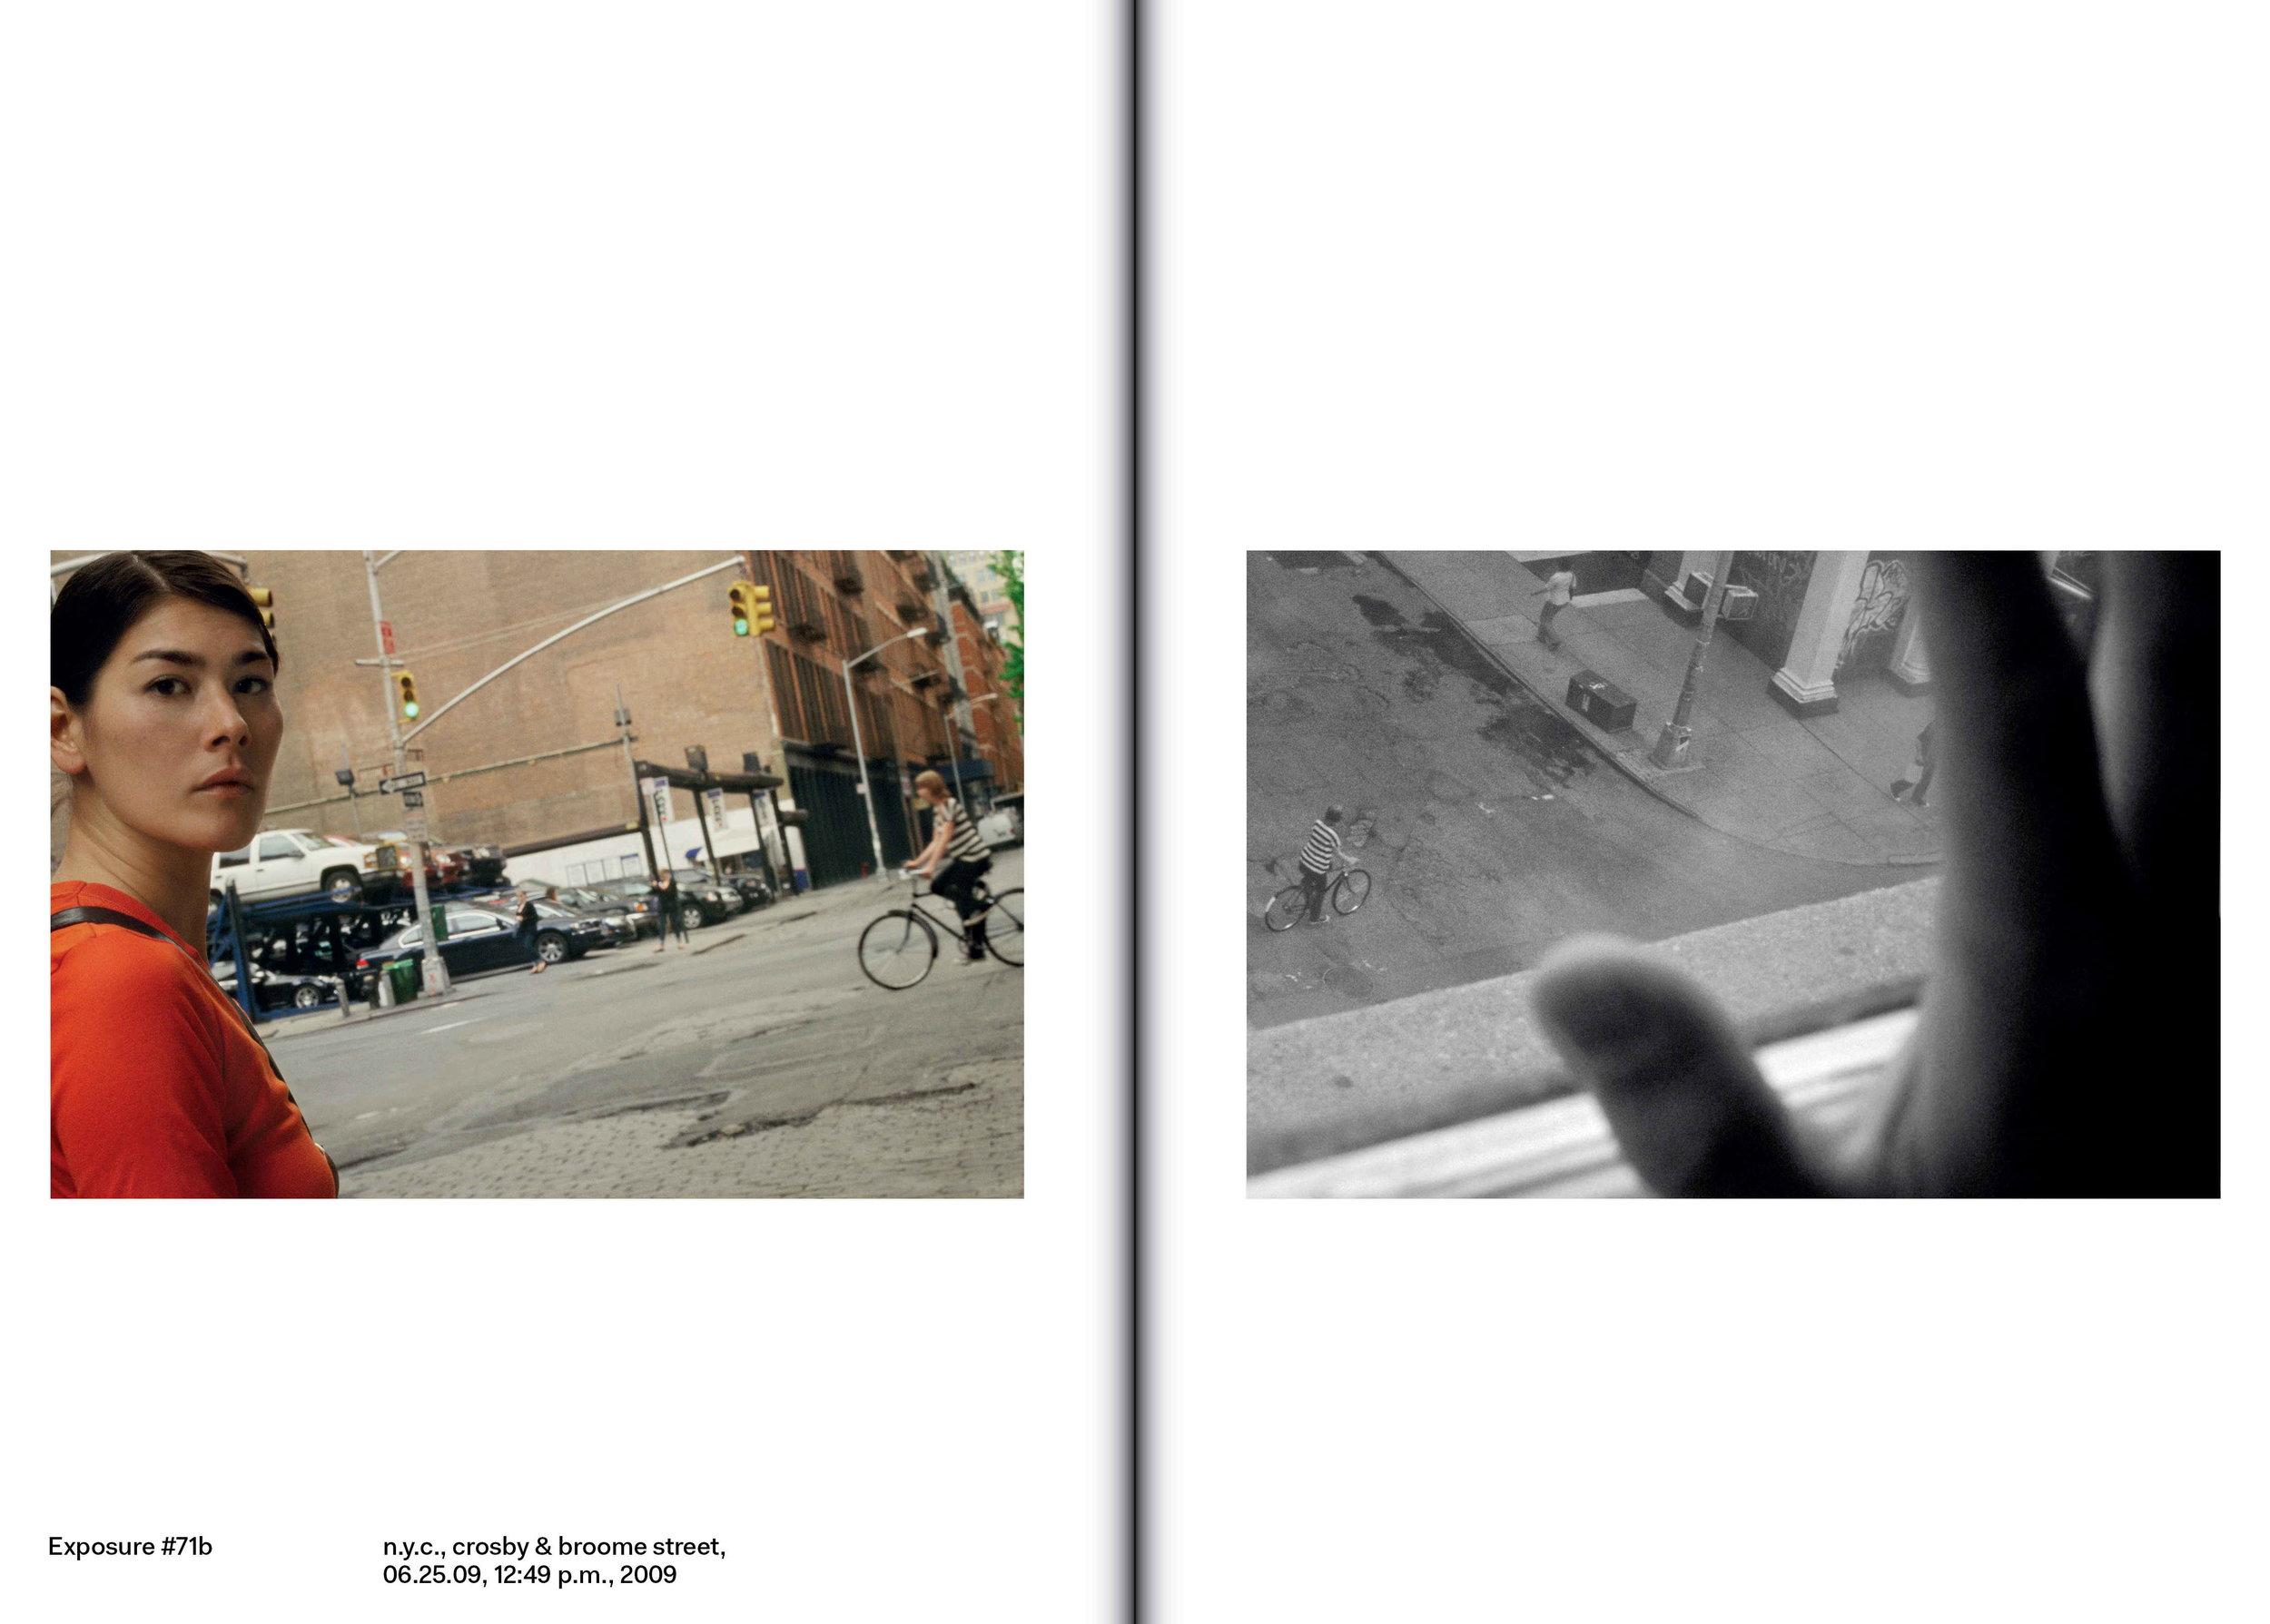 Barbara Probst, Exposure #71b, 2009